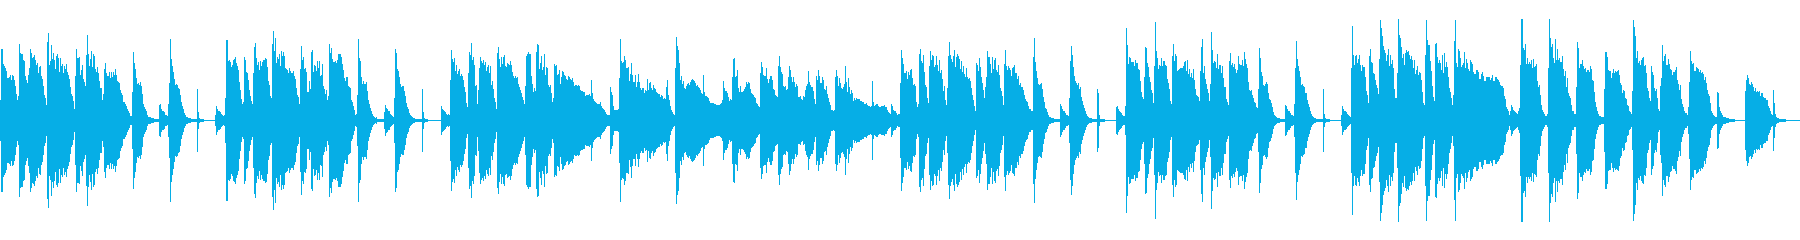 コミカルで間抜けなBGM(ループの再生済みの波形